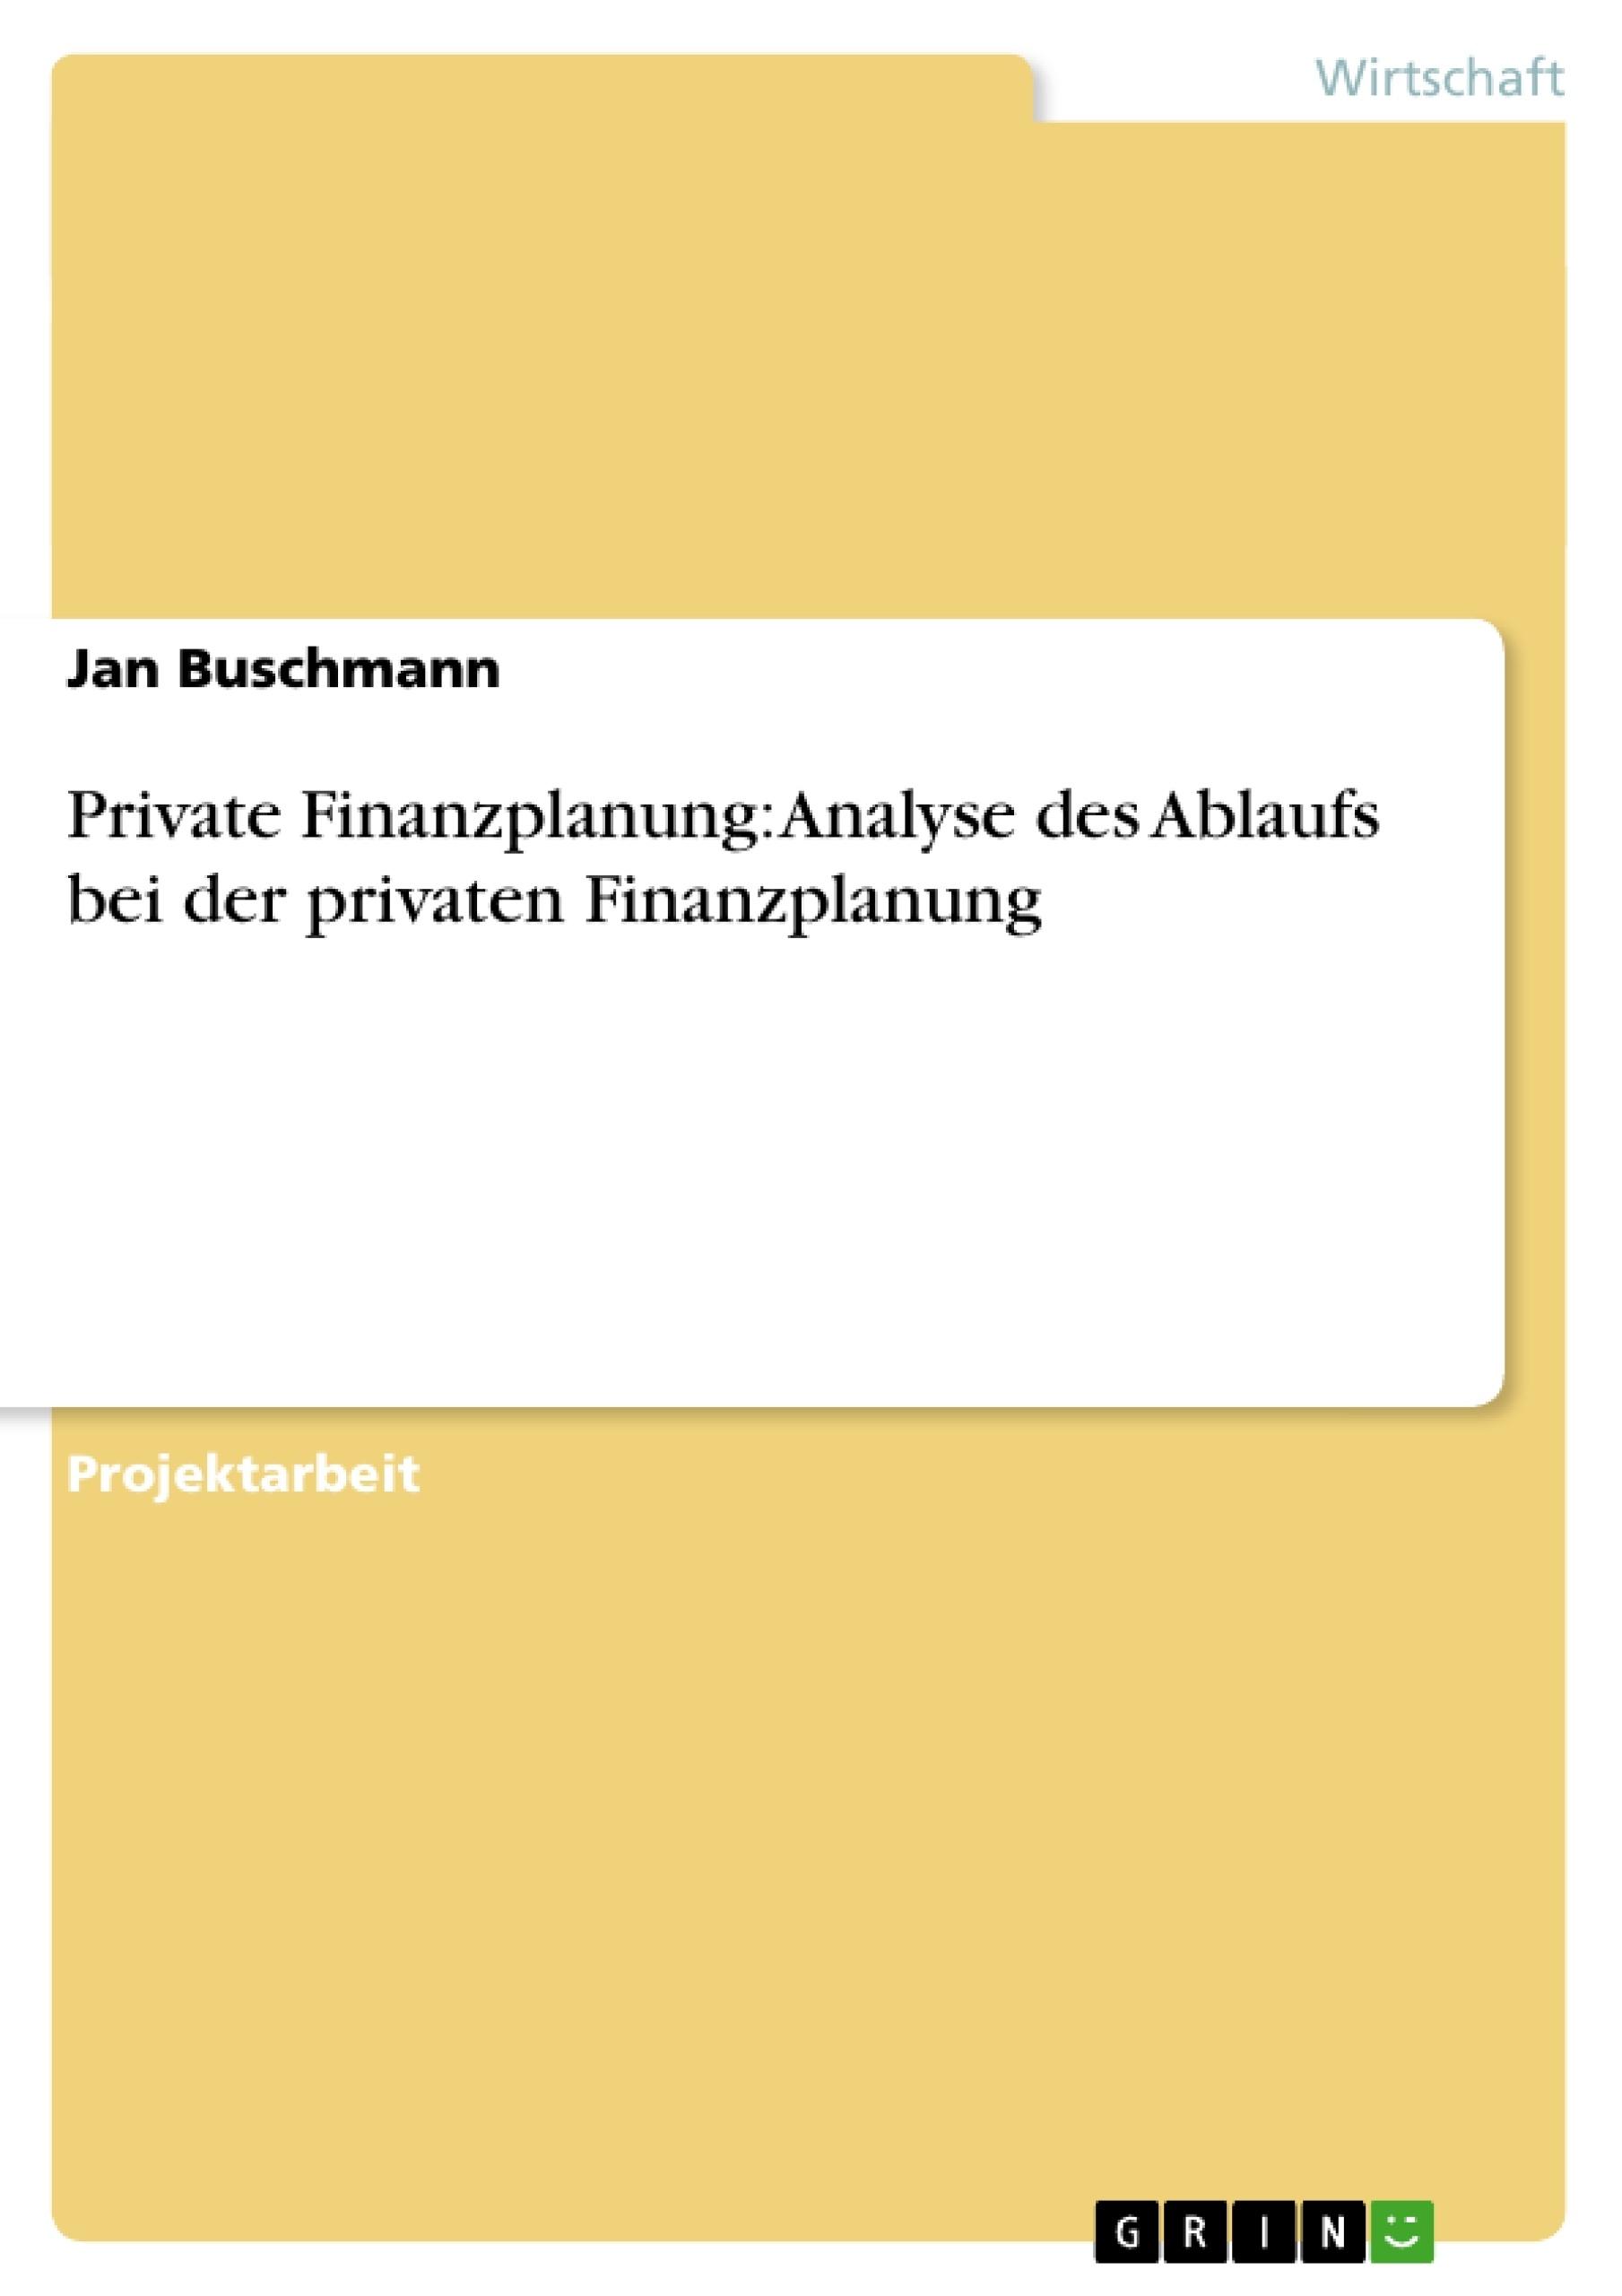 Titel: Private Finanzplanung: Analyse des Ablaufs bei der privaten Finanzplanung